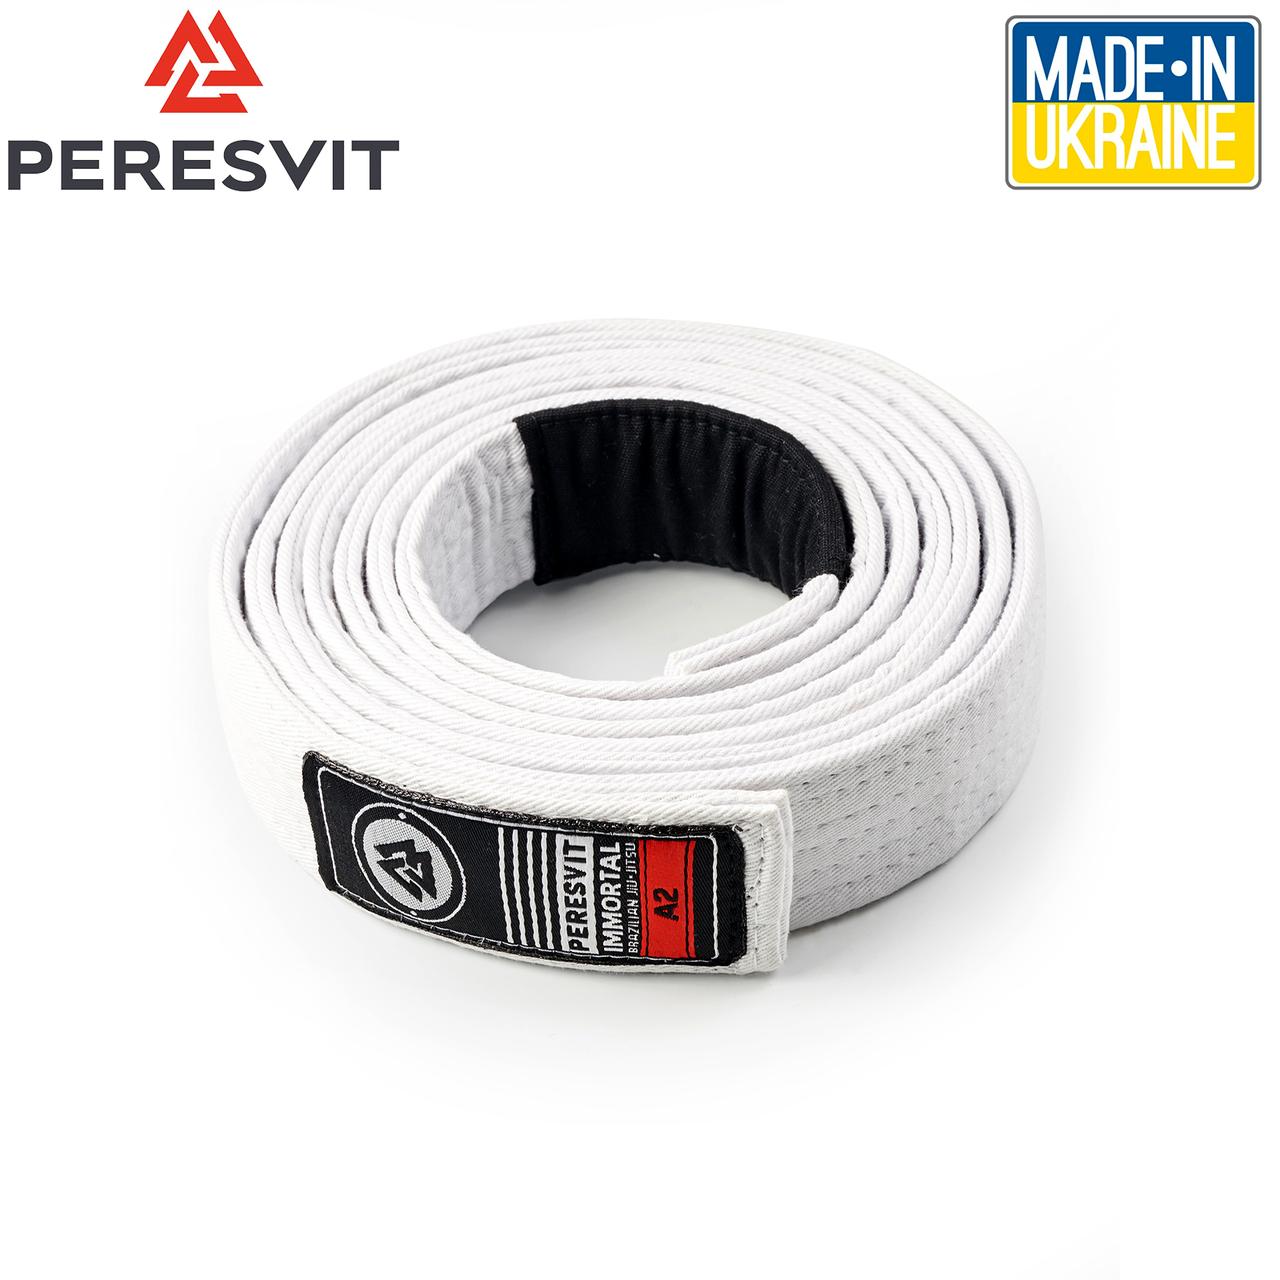 Пояс для кимоно Peresvit BJJ Belt White